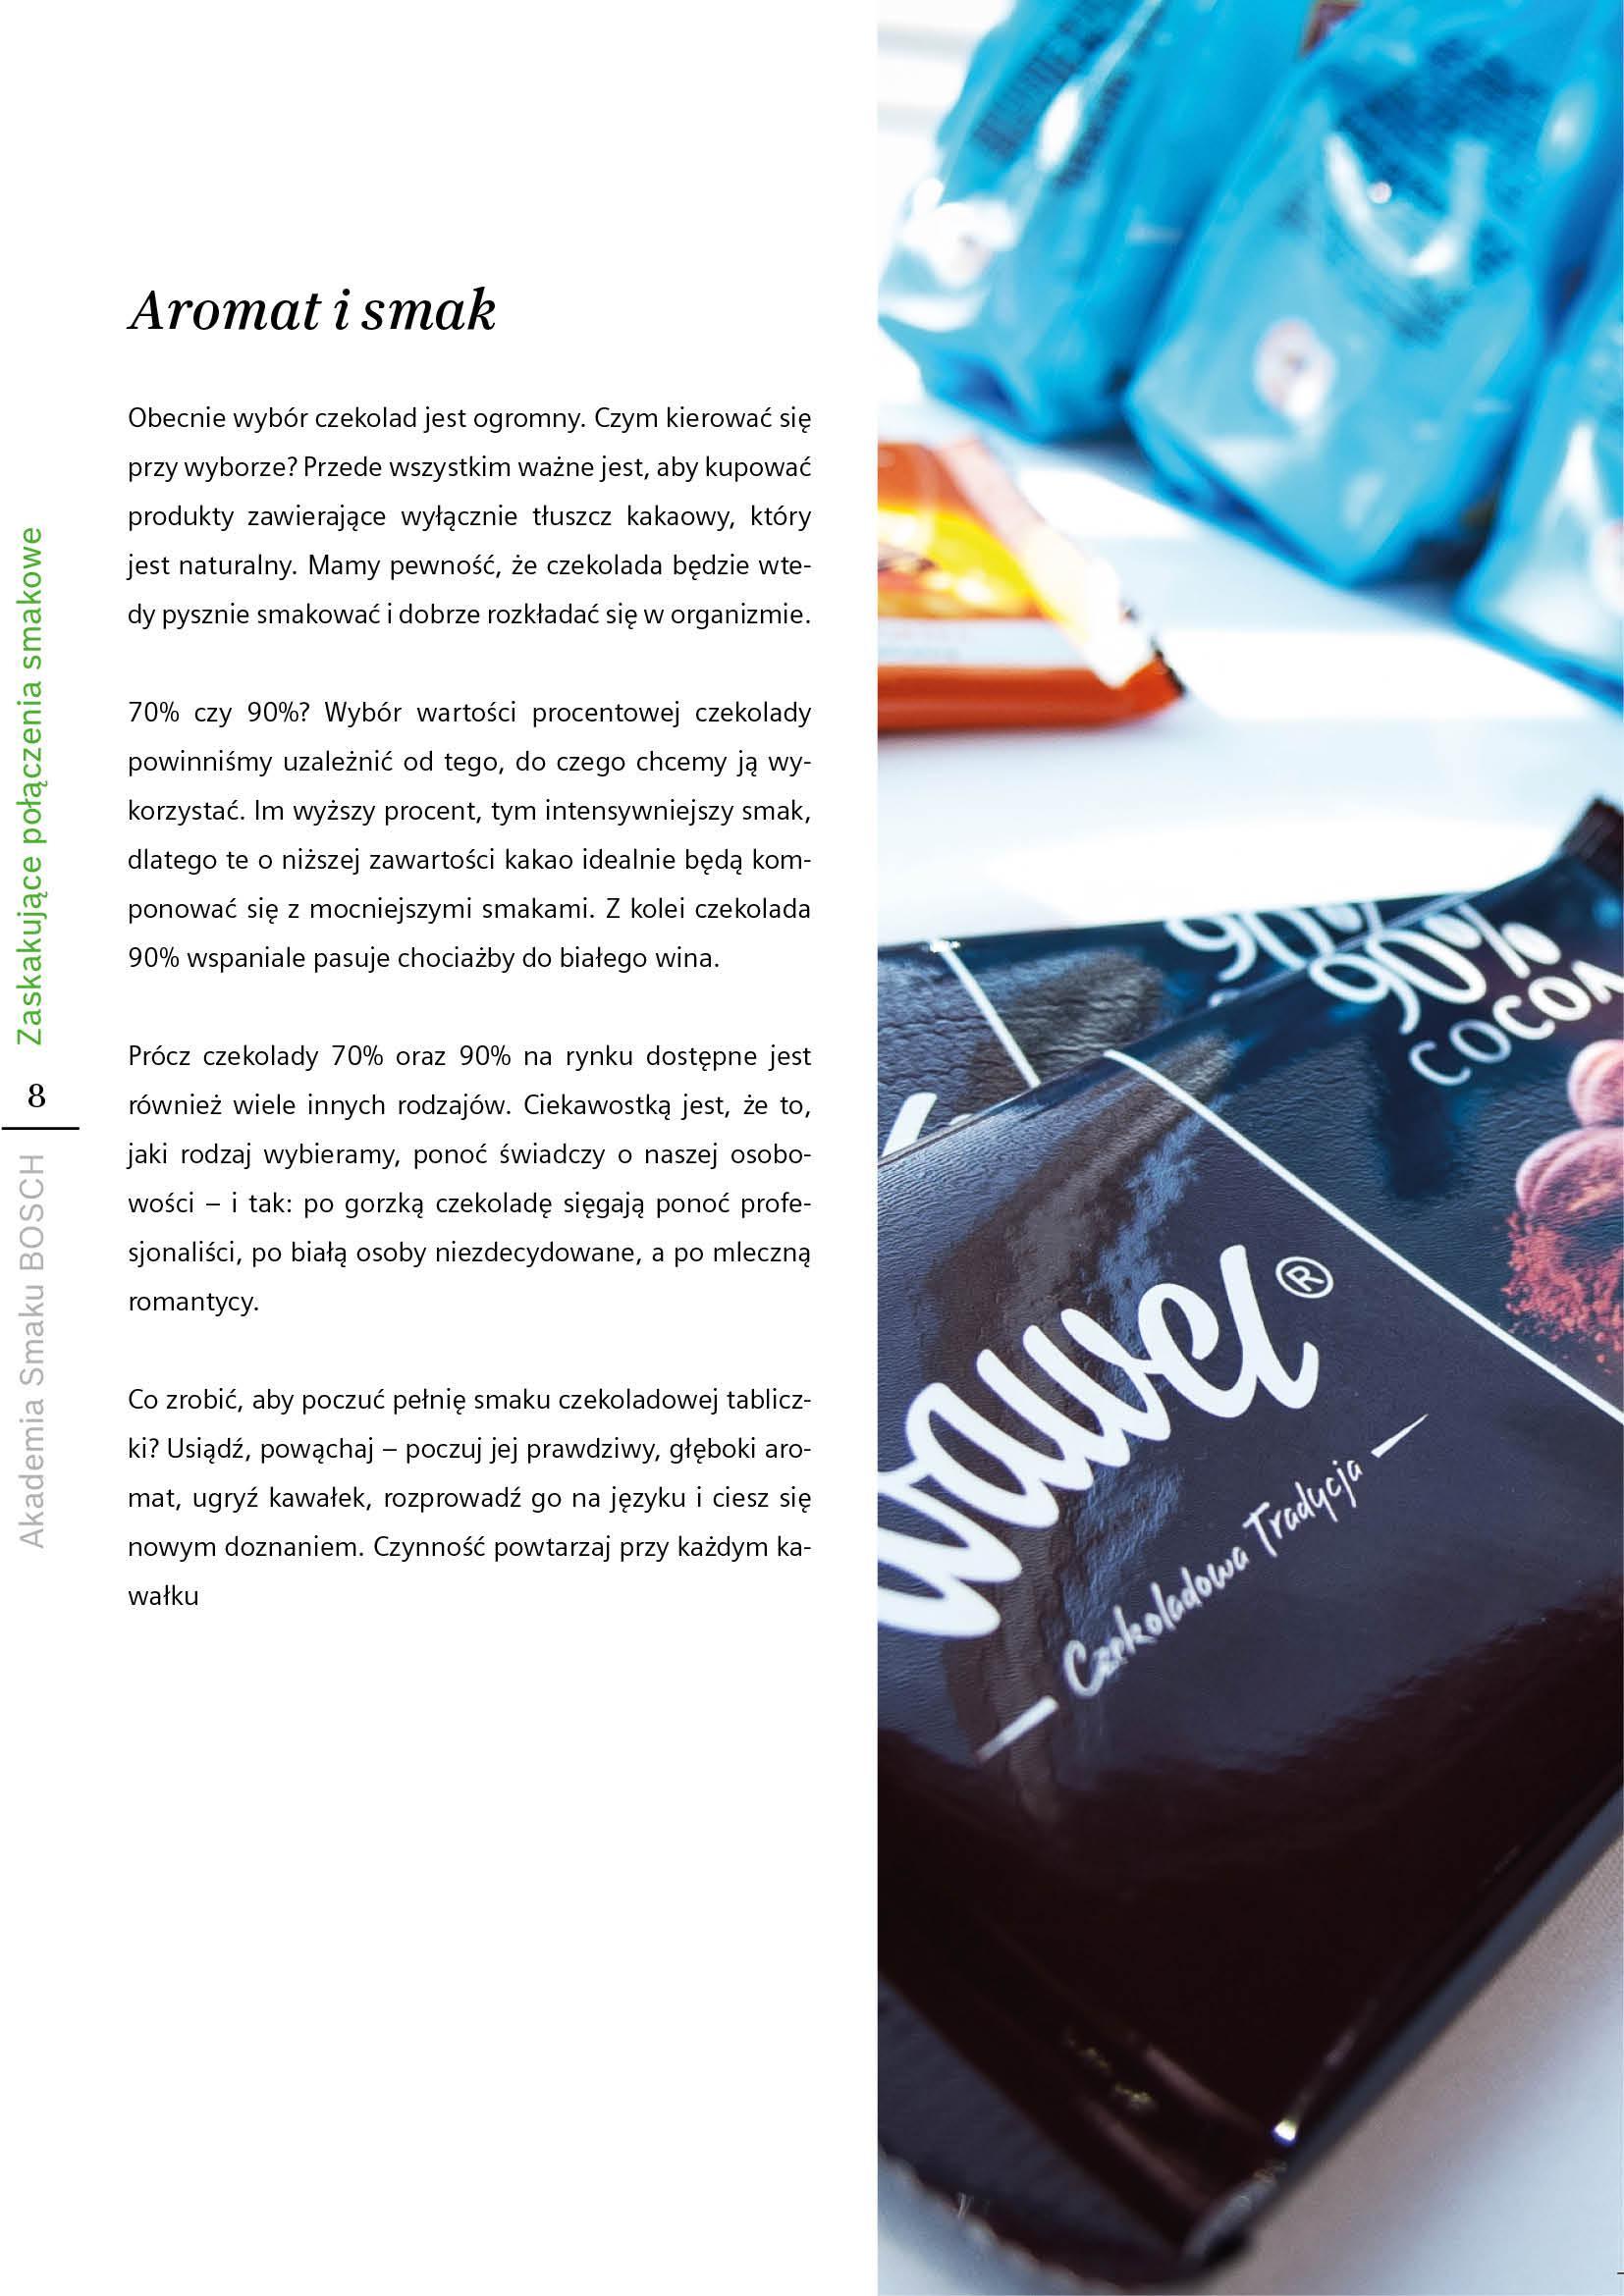 Zaskakujące połączenia smakowe - Strona 8